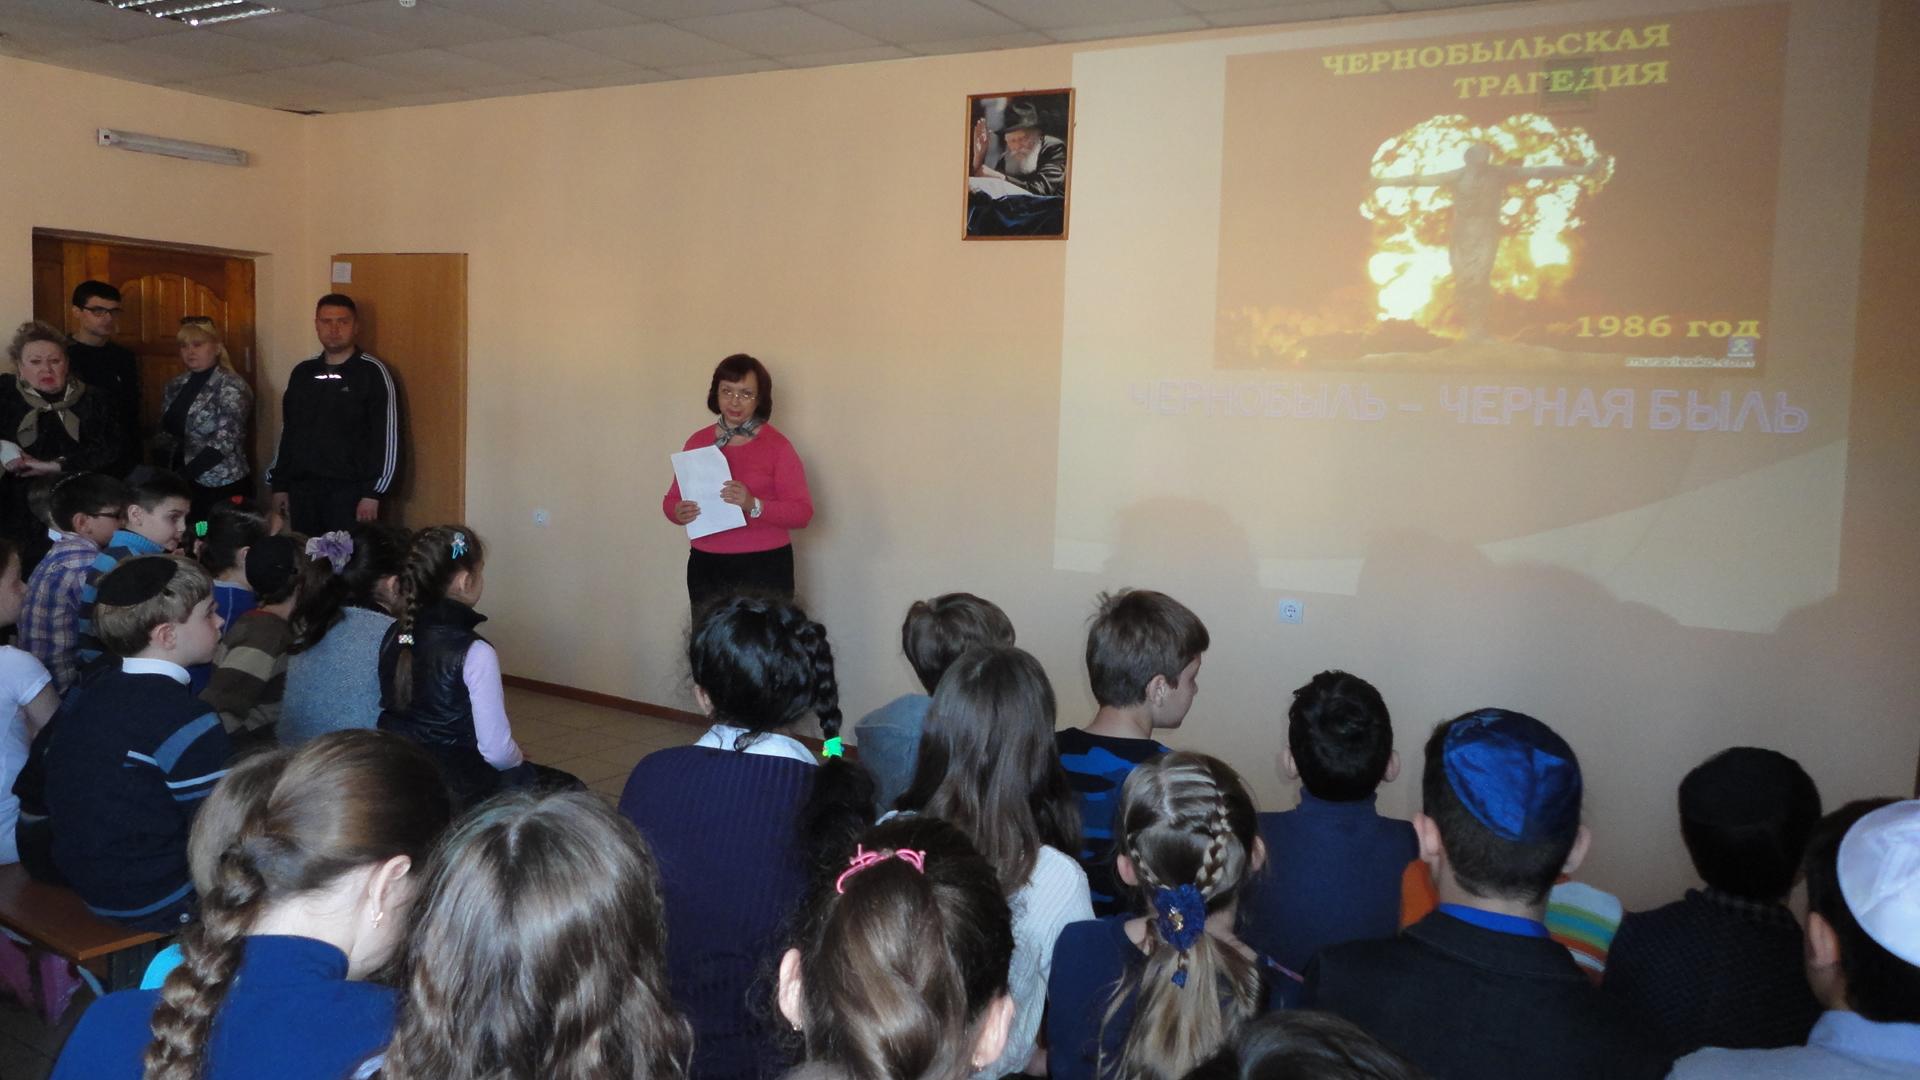 чернобыльская трагедия, донецкая республиканская библиотека для детей, отдел обслуживания учащихся 5-9 классов